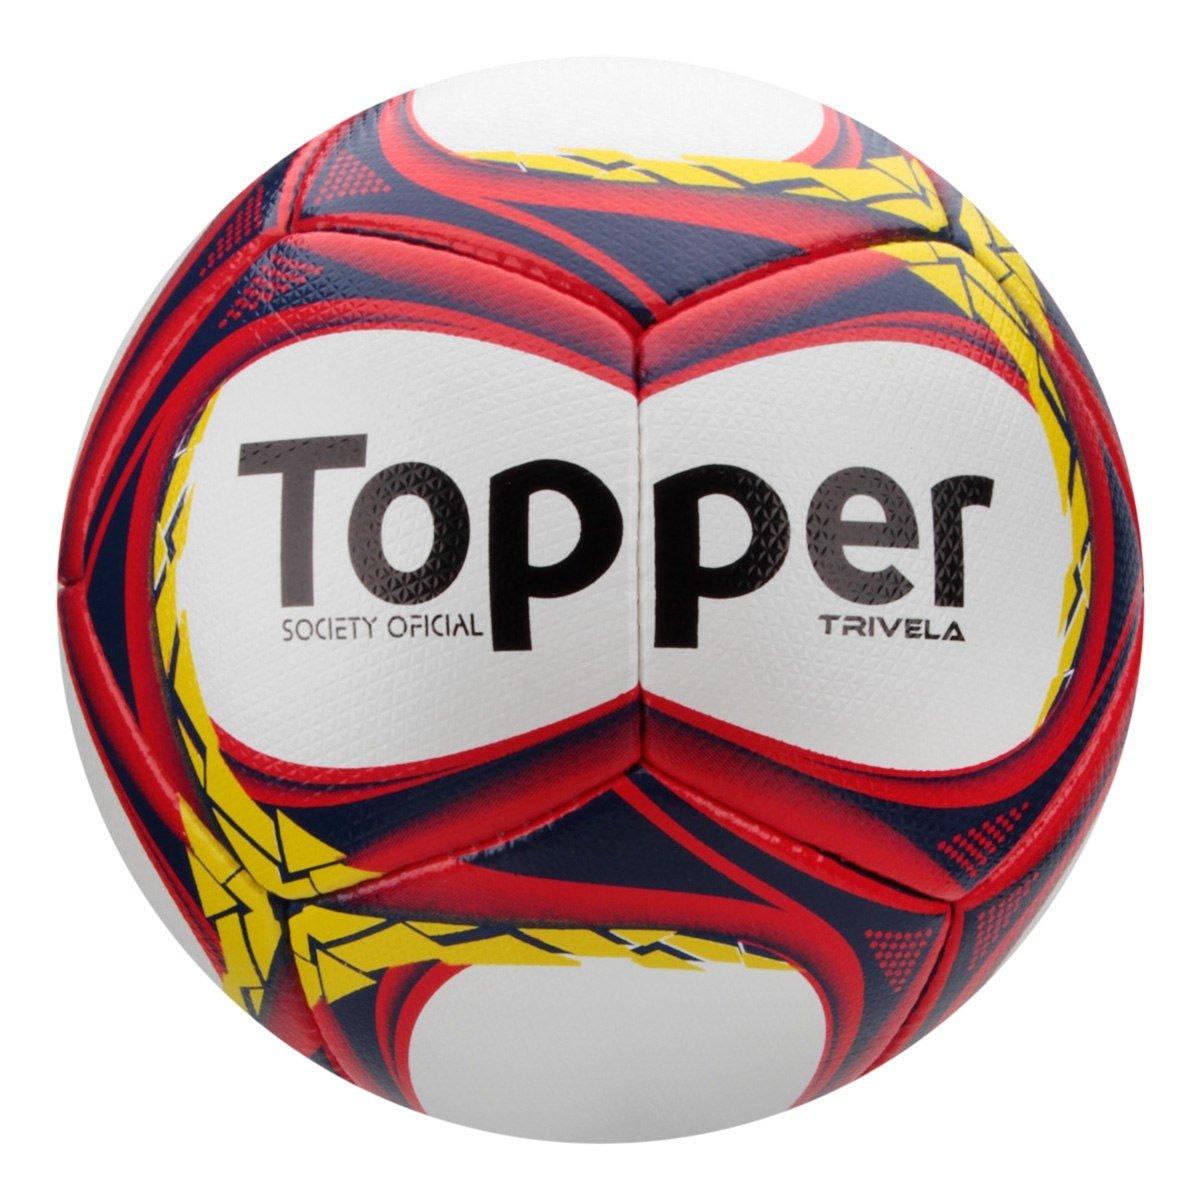 2d919f403c Bola Society Topper Trivela V12 4140059 2781 - Branco Marinho ...